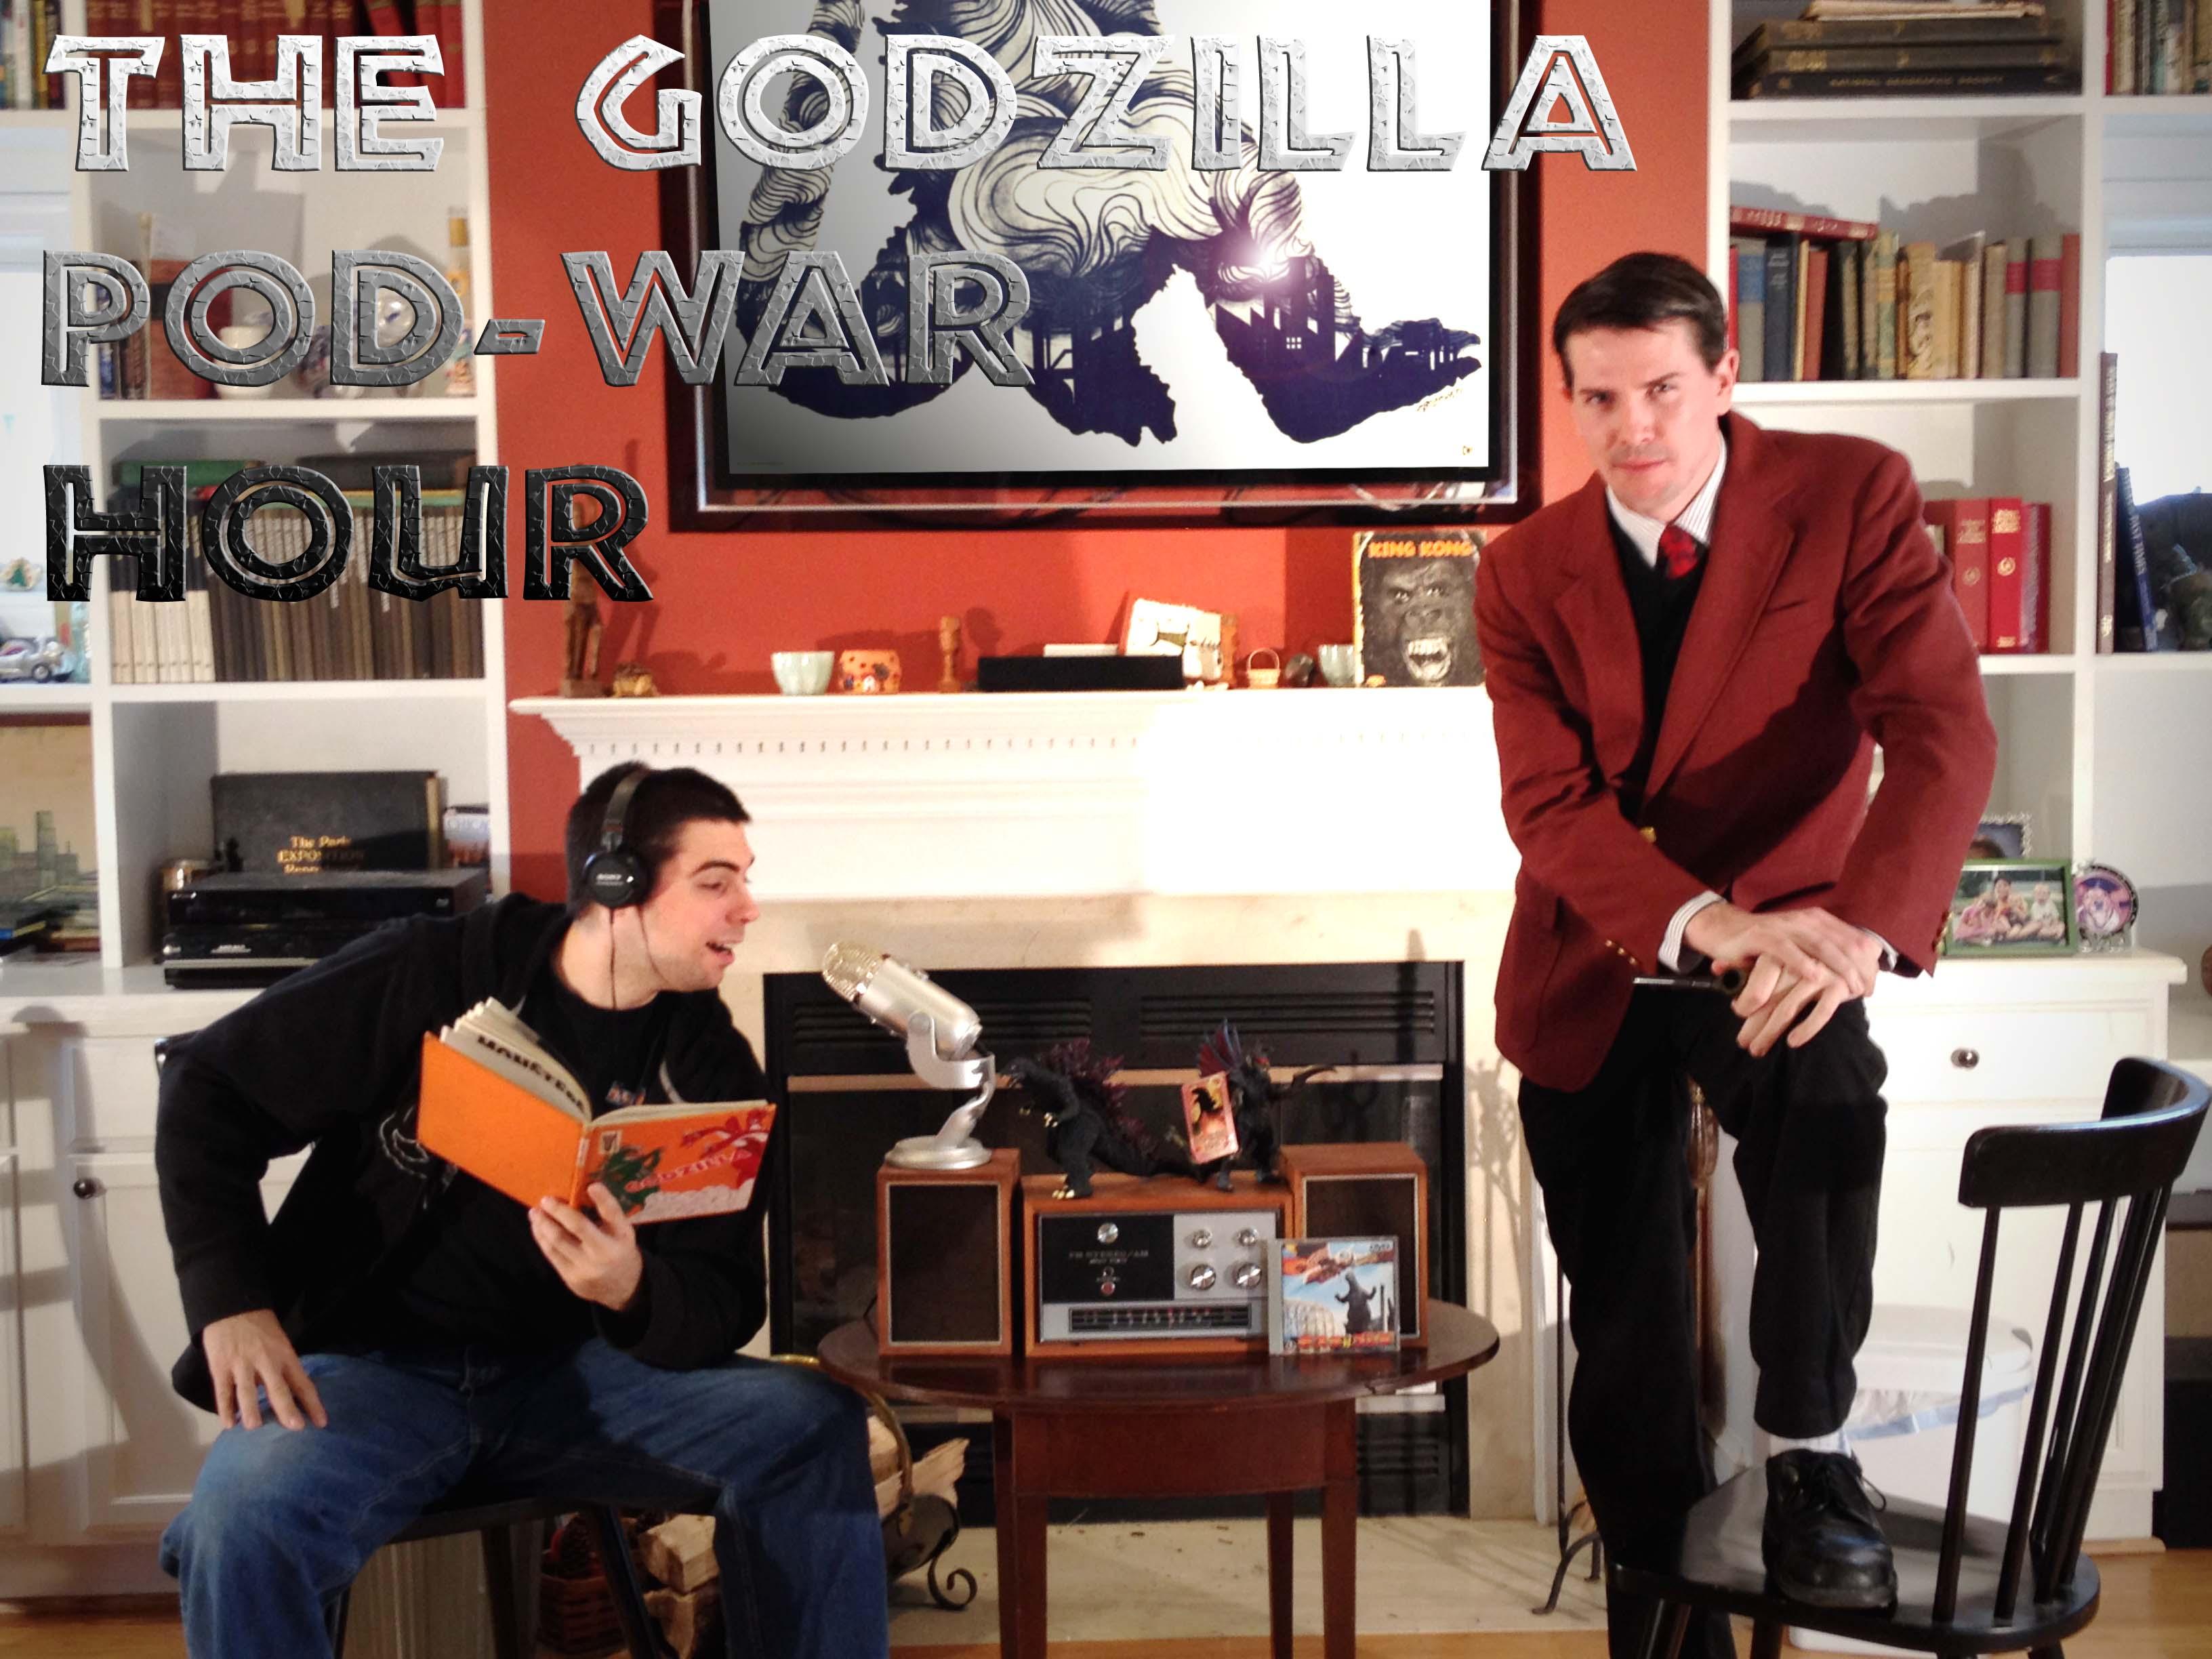 The Godzilla Pod-War Hour